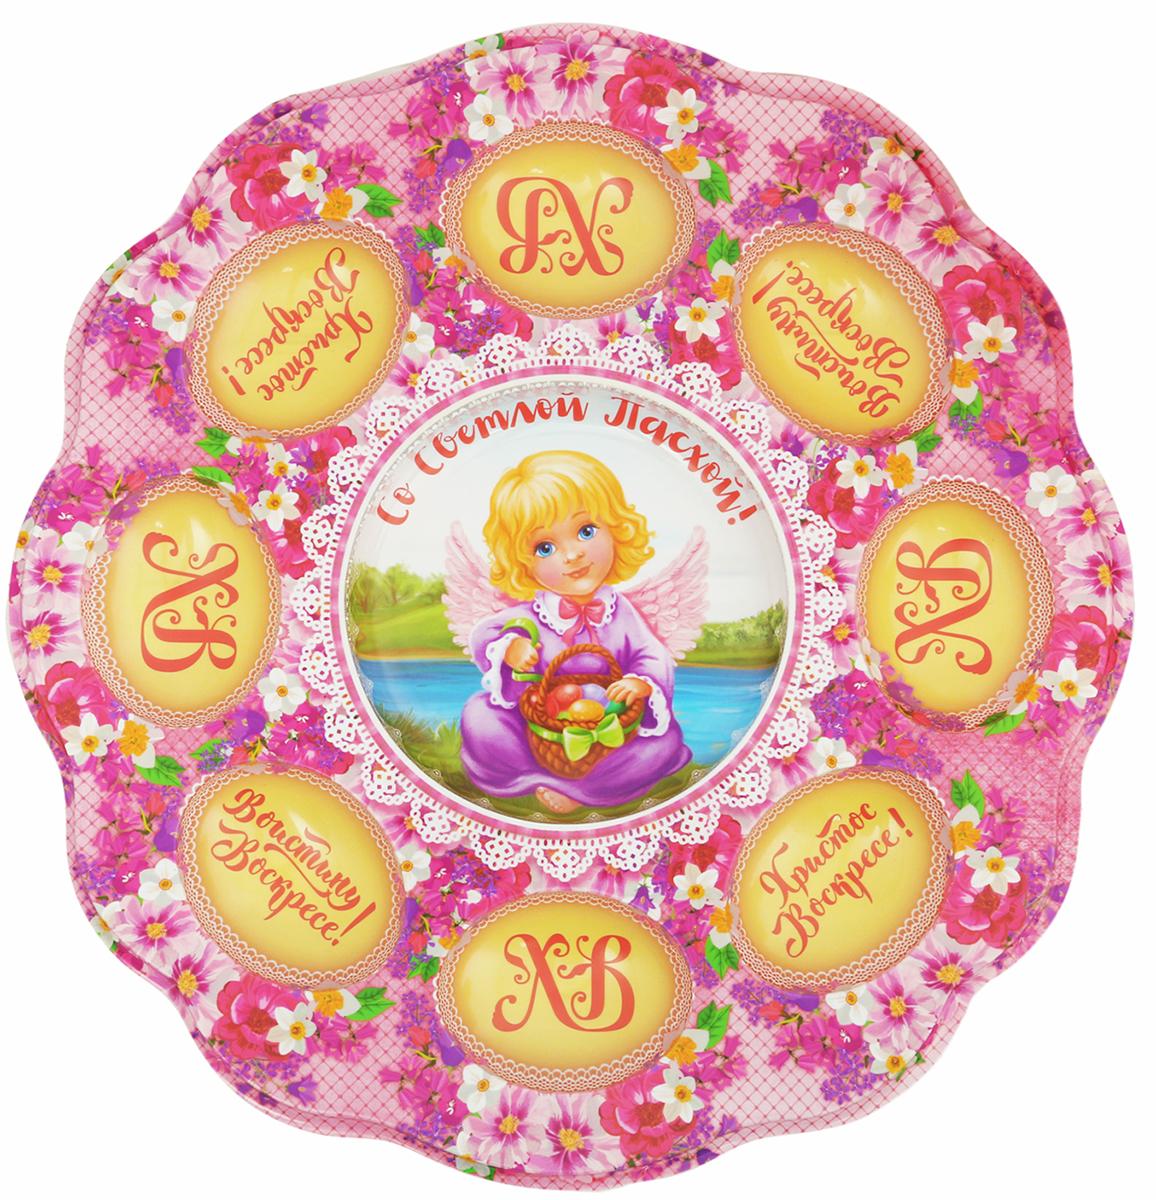 Подставка для яйца Ангелок, на 8 яиц, 24 х 25 см. 26343352634335От качества посуды зависит не только вкус еды, но и здоровье человека. Пасхальная подставка на 8 яиц Ангелок, 24 х 25 см — товар, соответствующий российским стандартам качества. Любой хозяйке будет приятно держать его в руках. С данной посудой и кухонной утварью приготовление еды и сервировка стола превратятся в настоящий праздник.